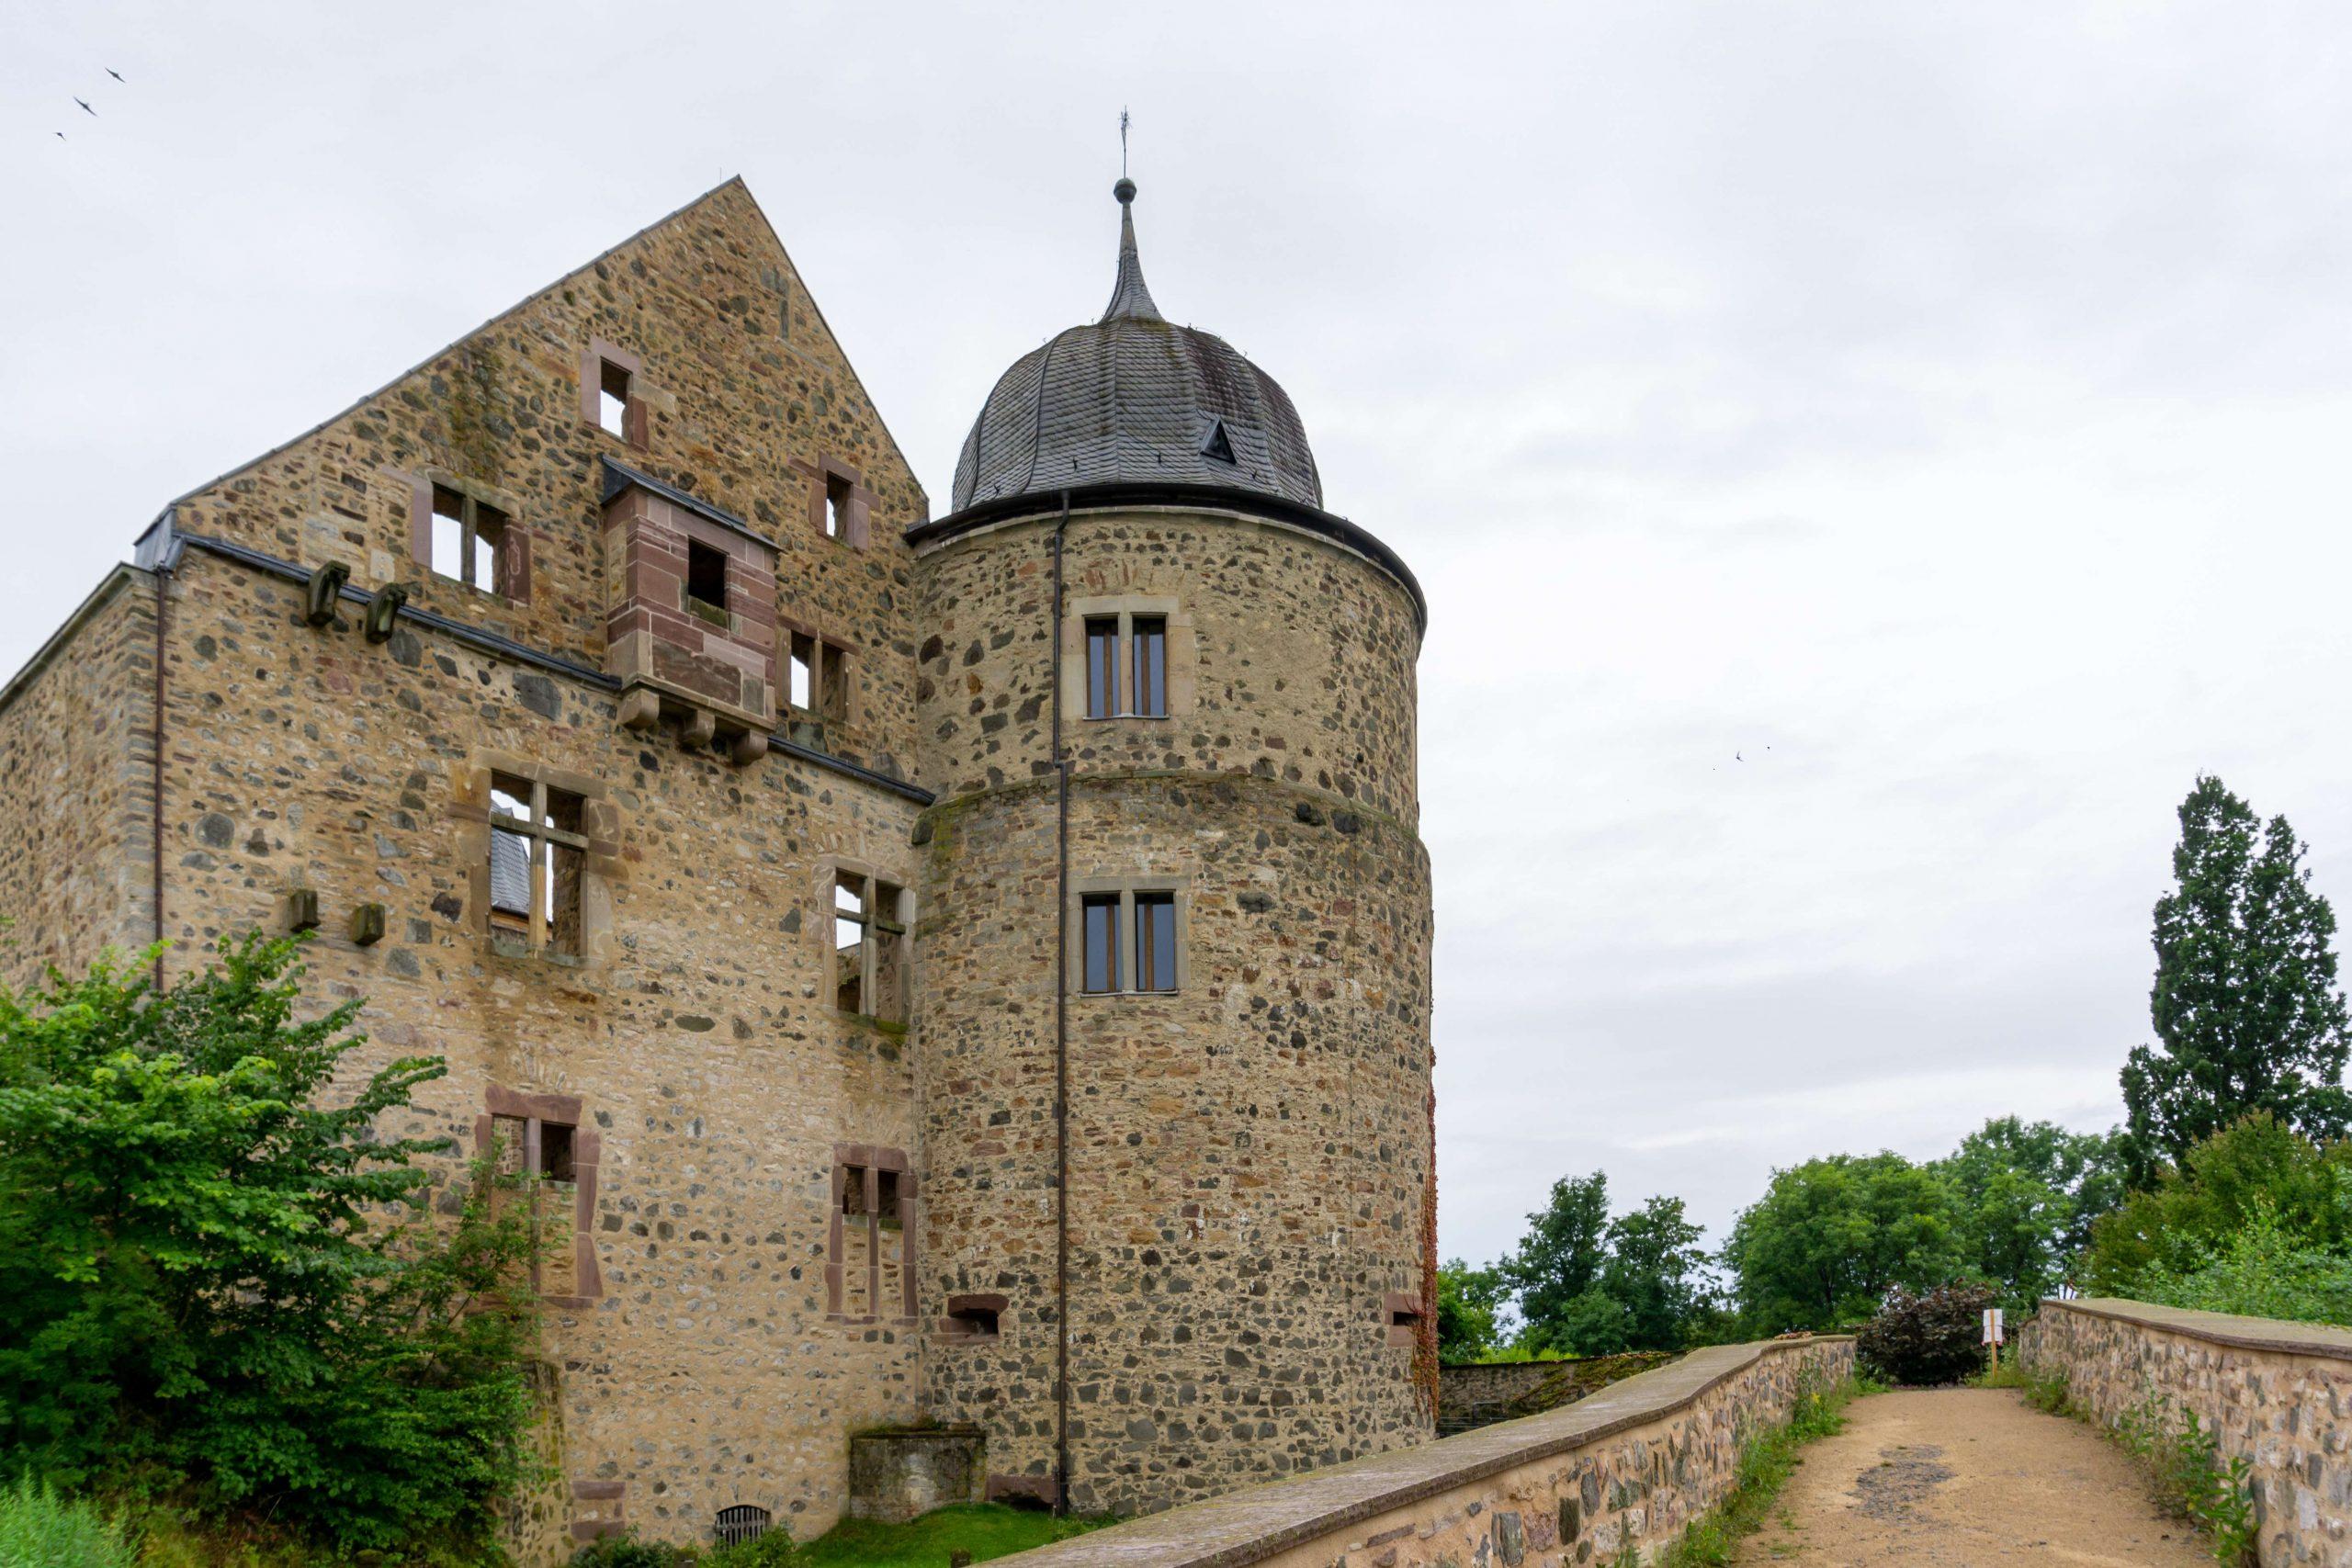 Sababurg Ruine Hessen